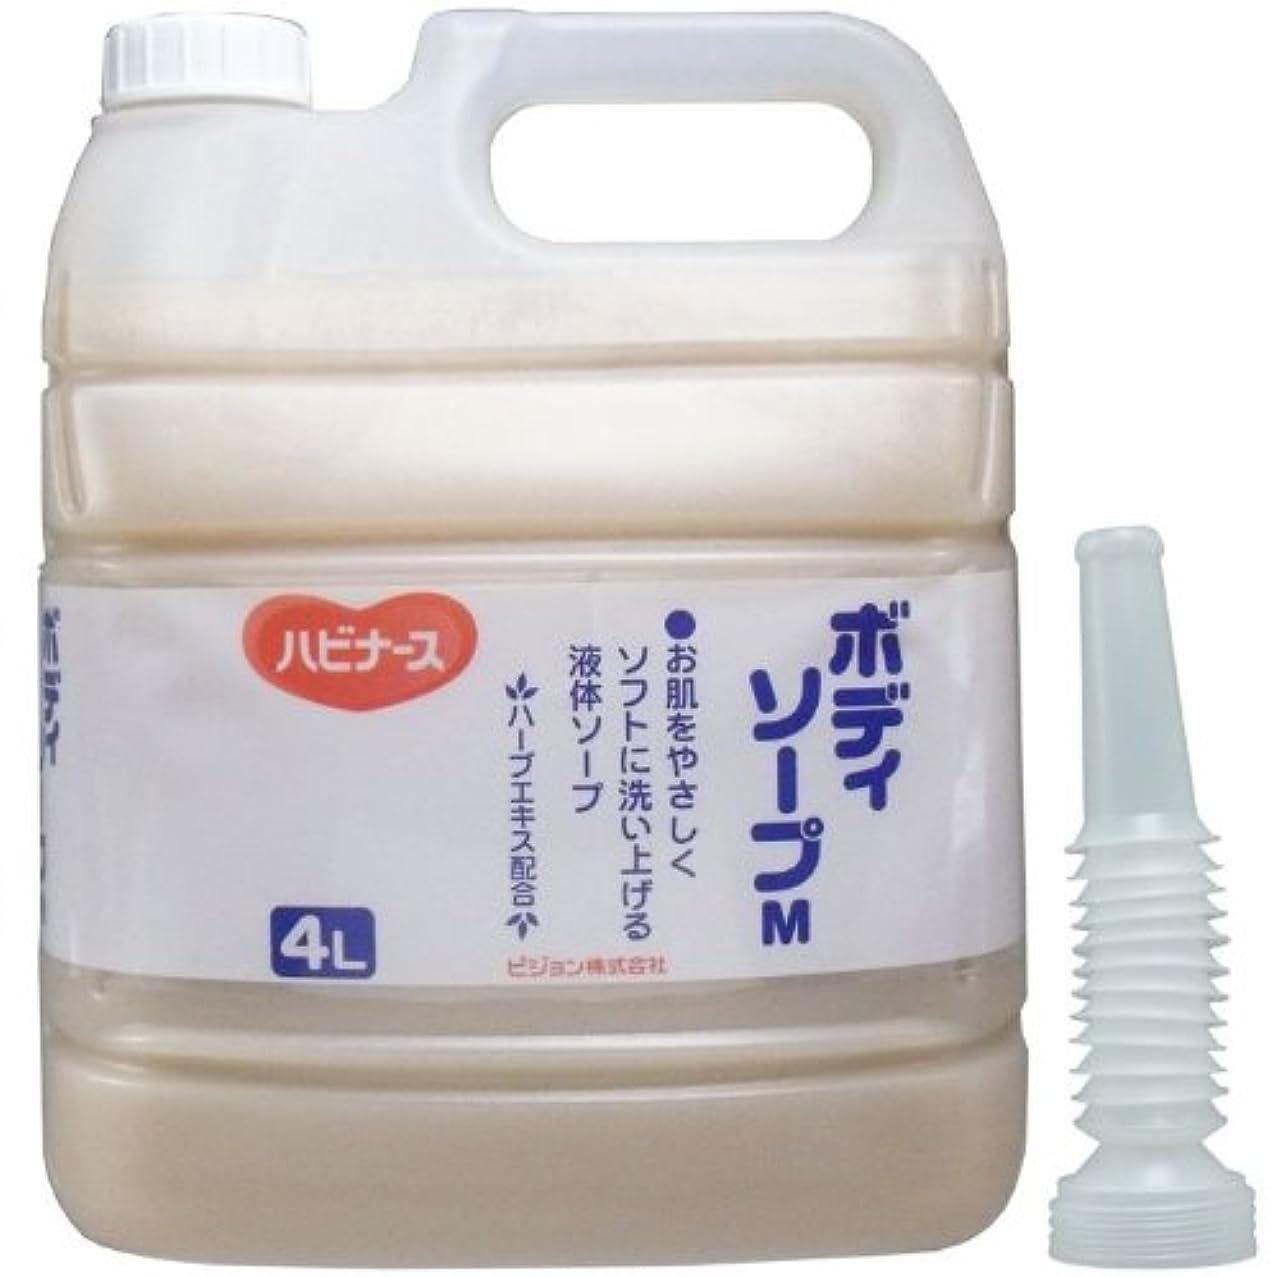 保有者正直食欲液体ソープ ボディソープ 風呂 石ケン お肌をやさしくソフトに洗い上げる!業務用 4L【4個セット】